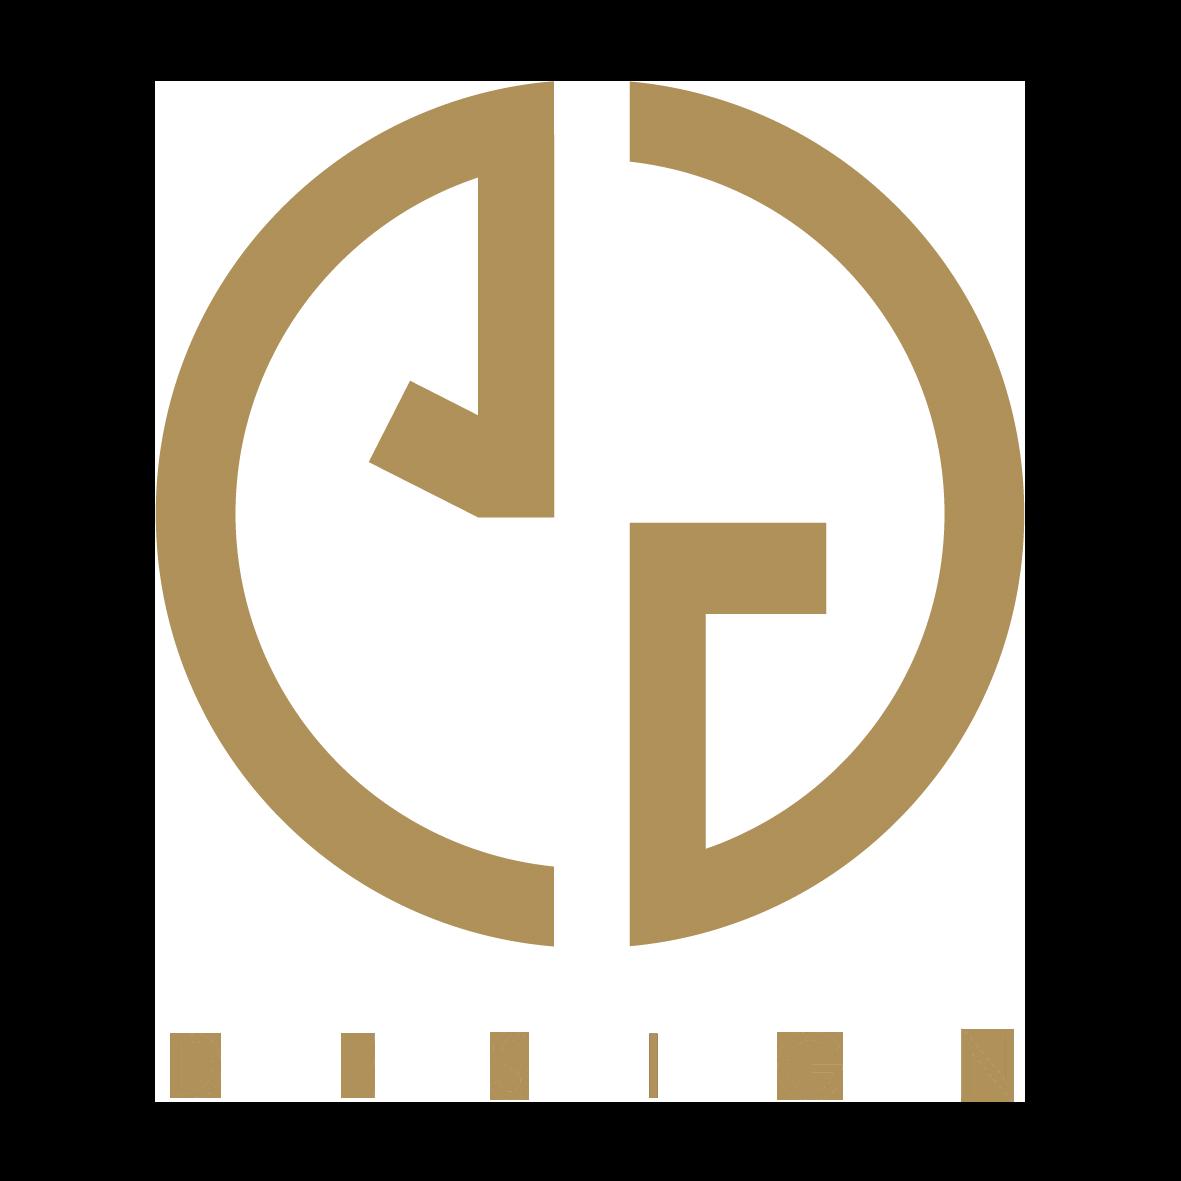 cg1design